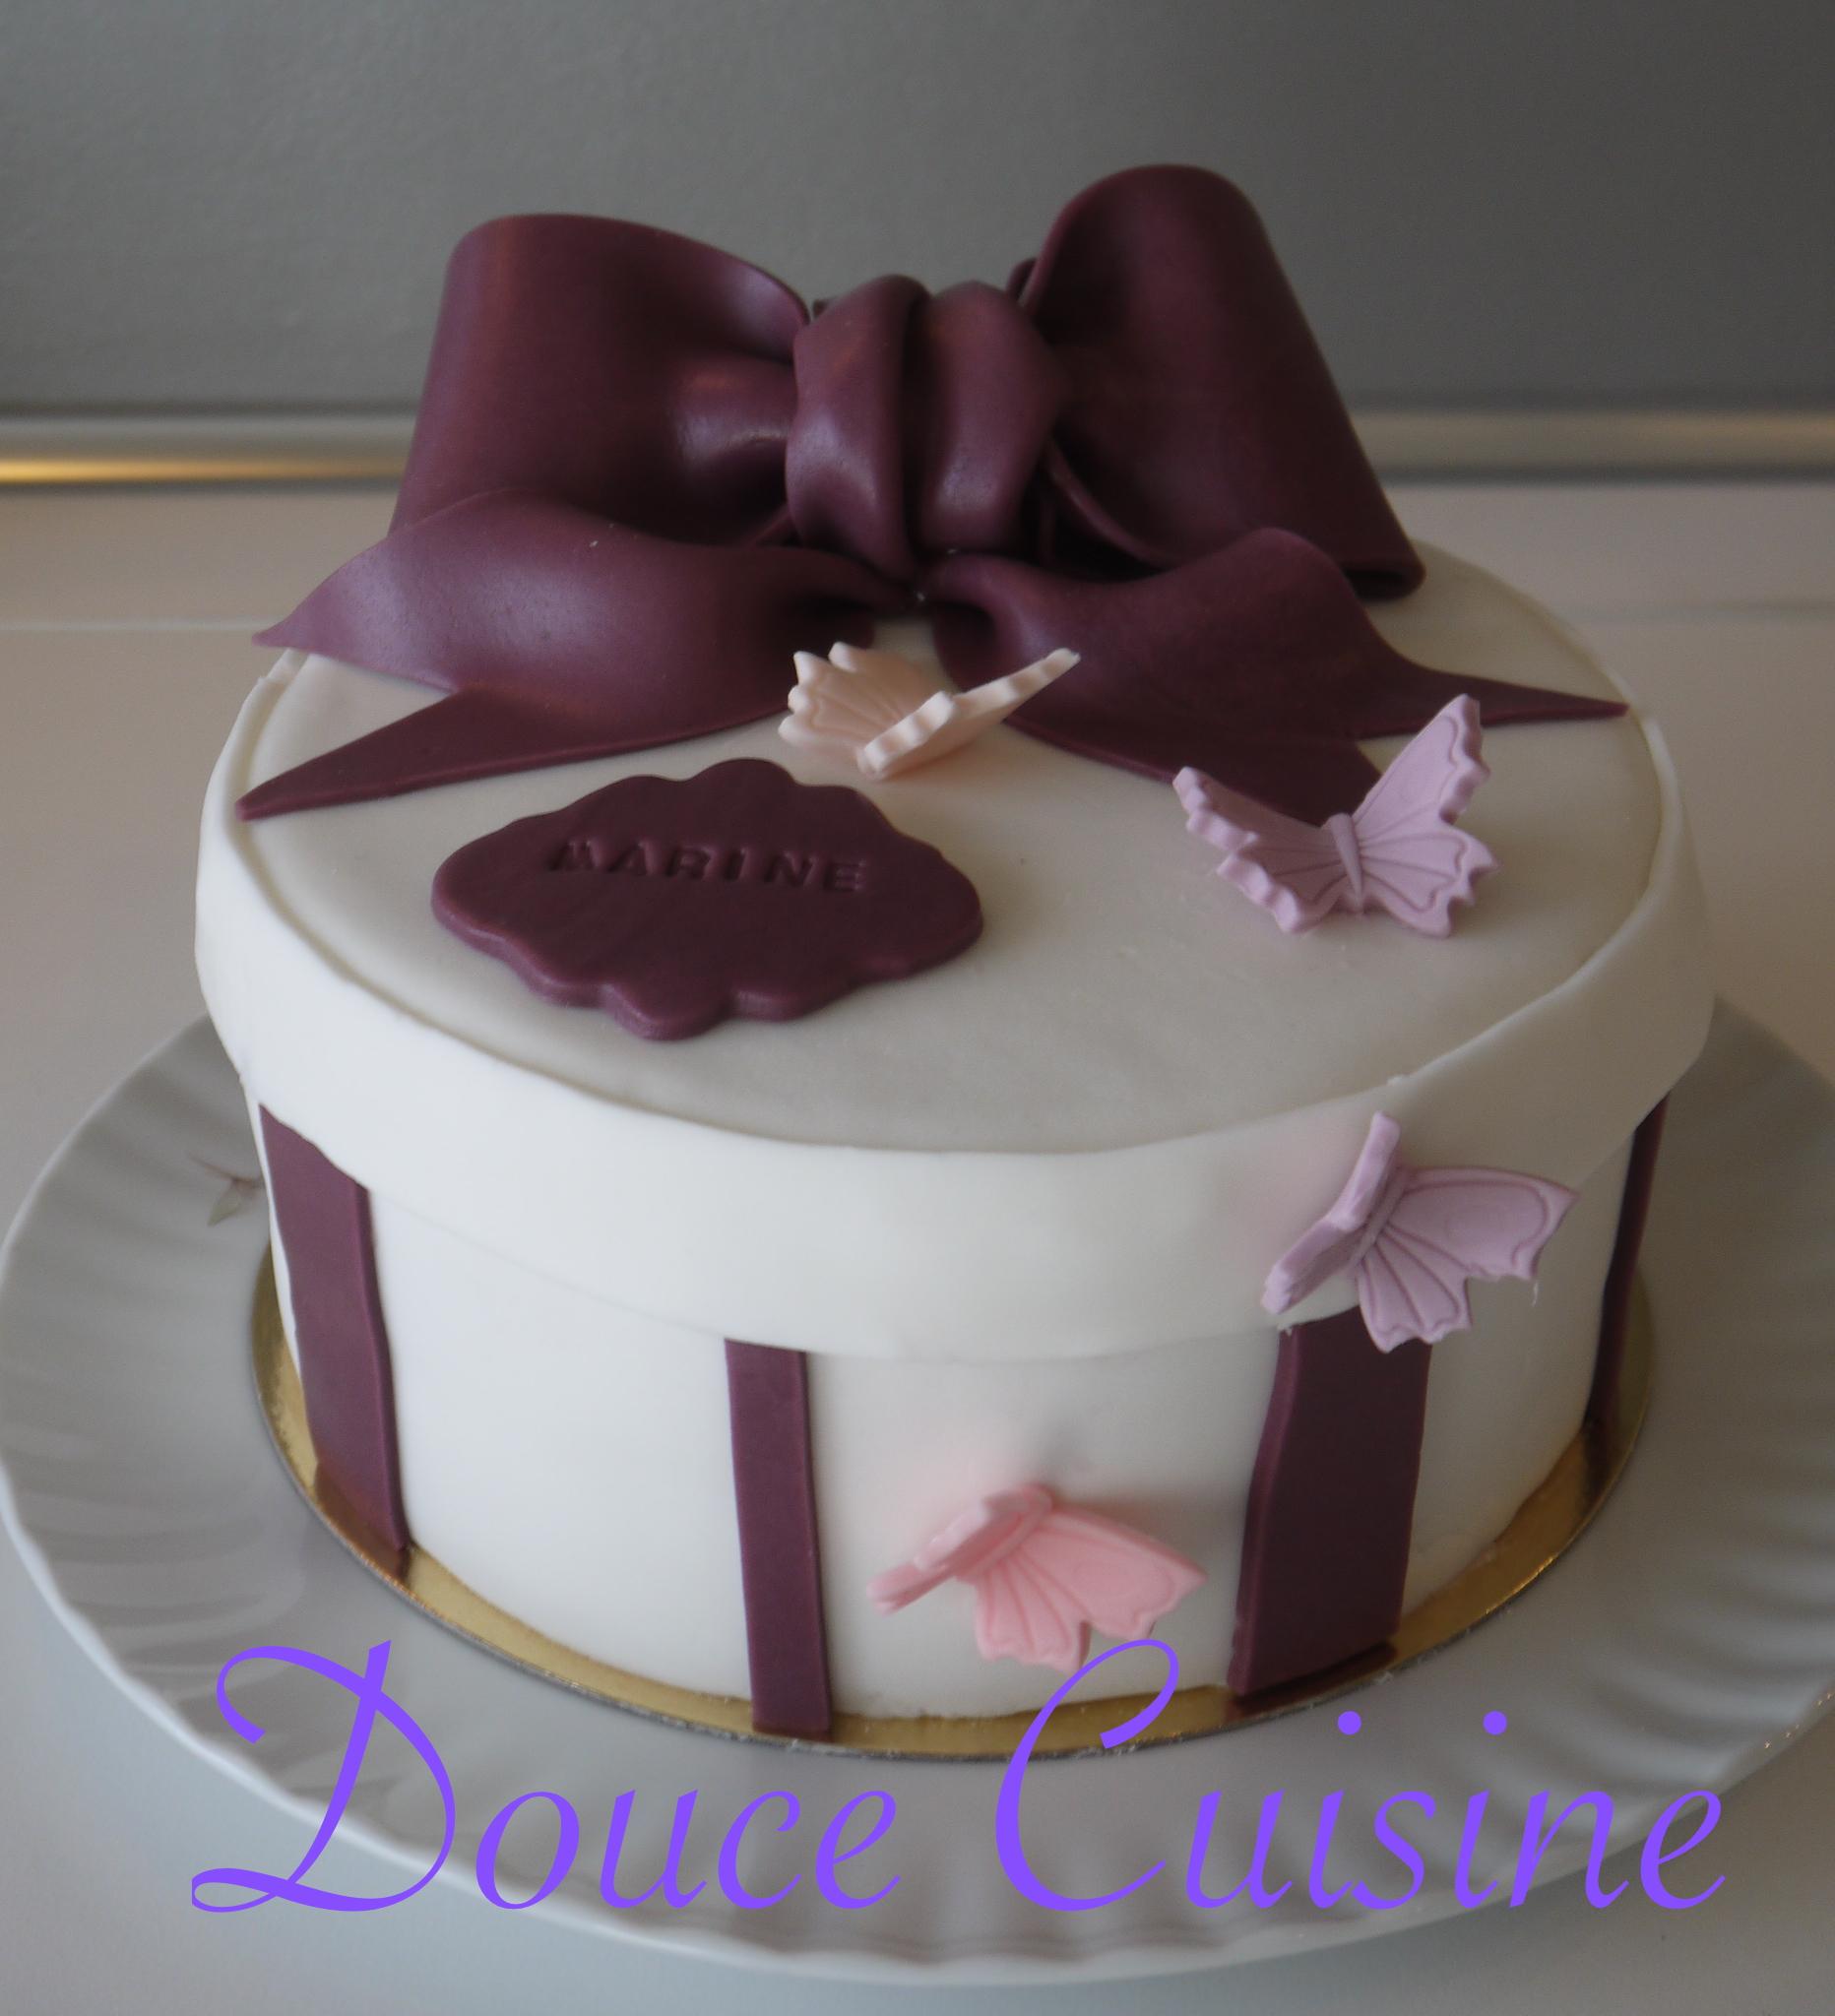 Rainbow cake Douce Cuisine